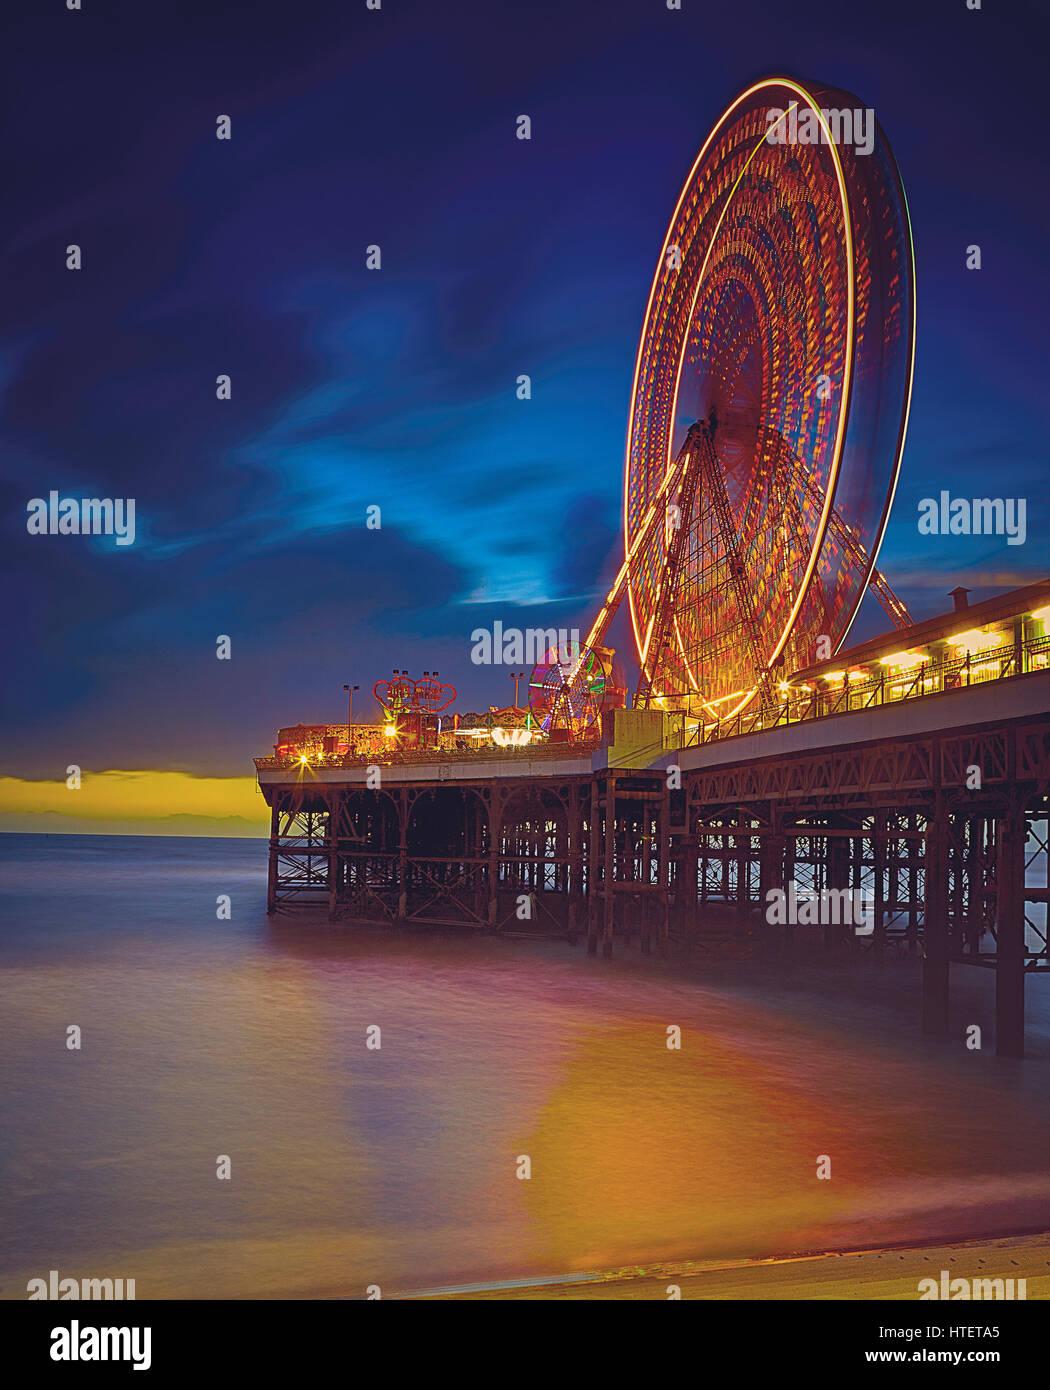 L'exposition longue nuit Image de grande roue sur une jetée à Blackpool Photo Stock